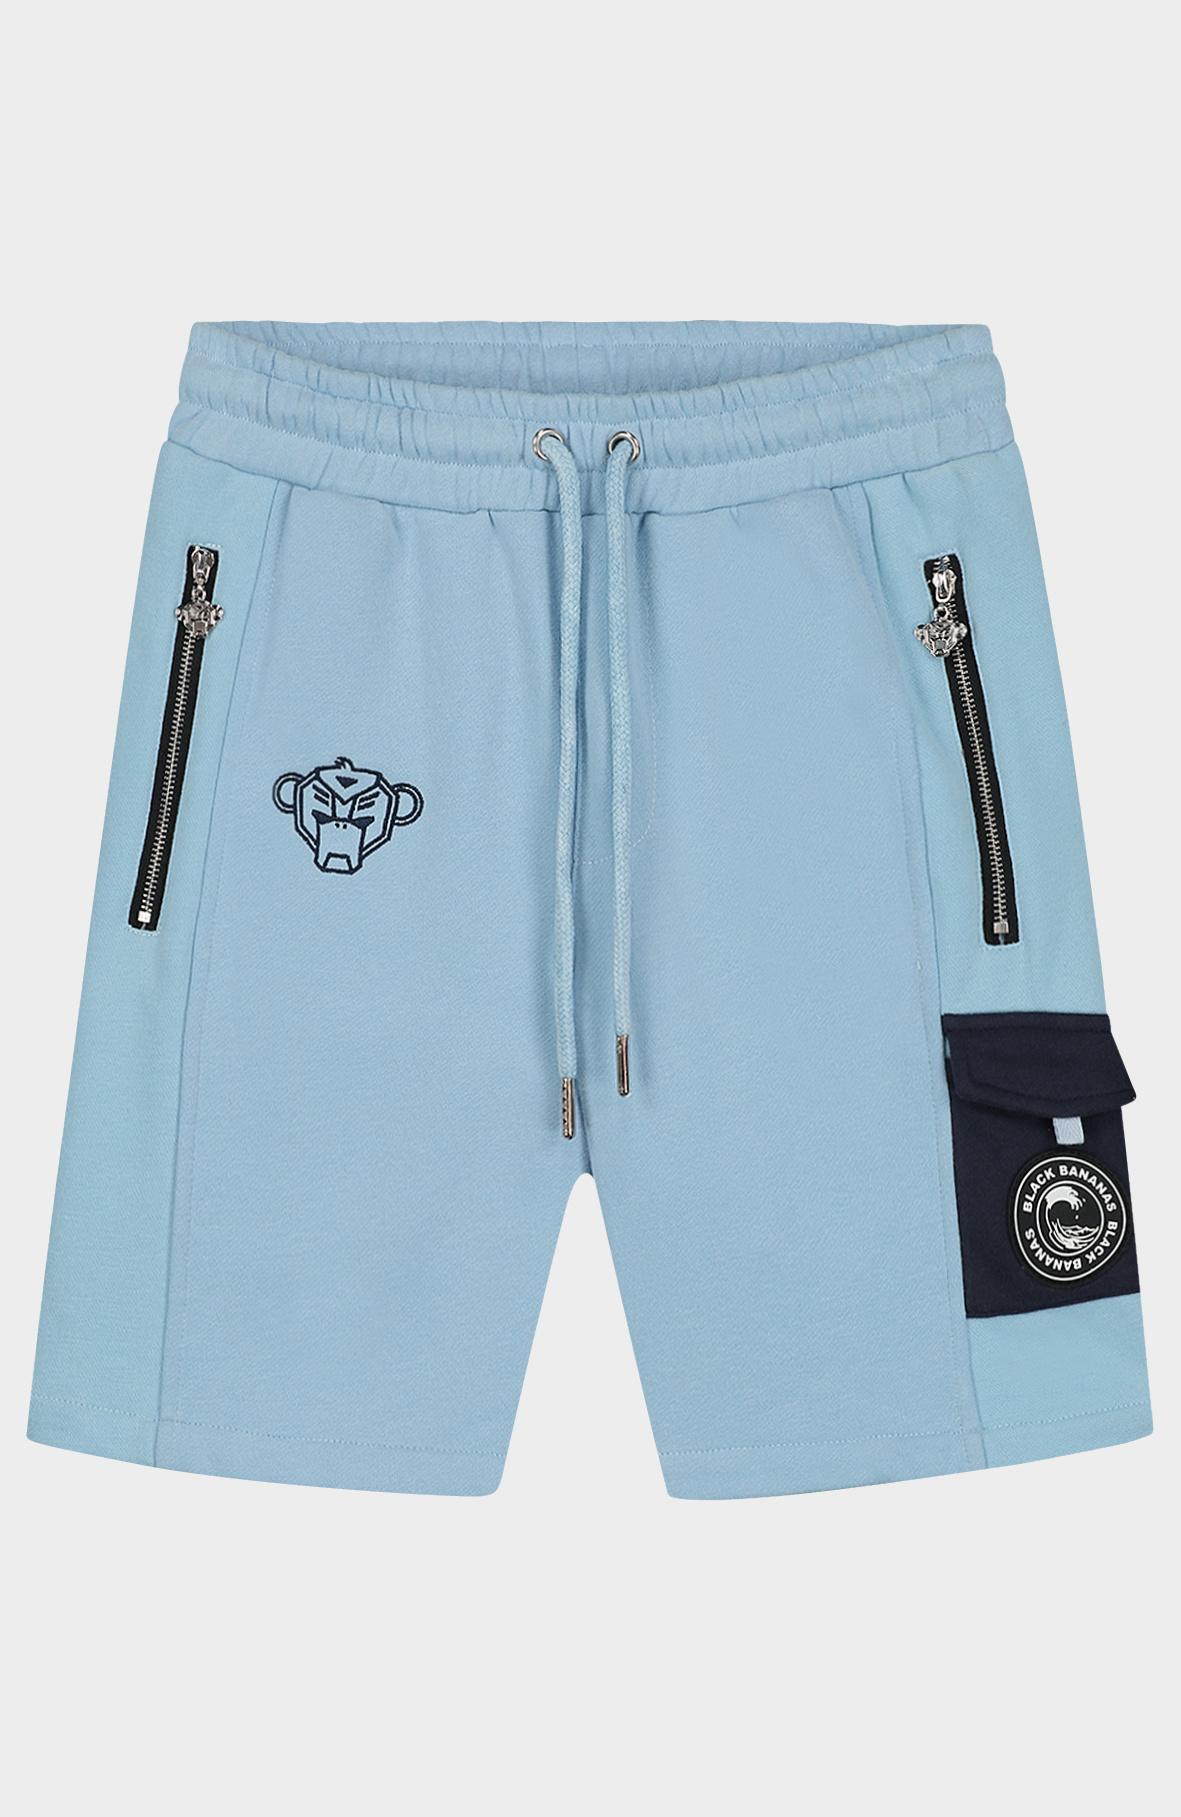 Jr Contrast Pocket Short Light Blue-1